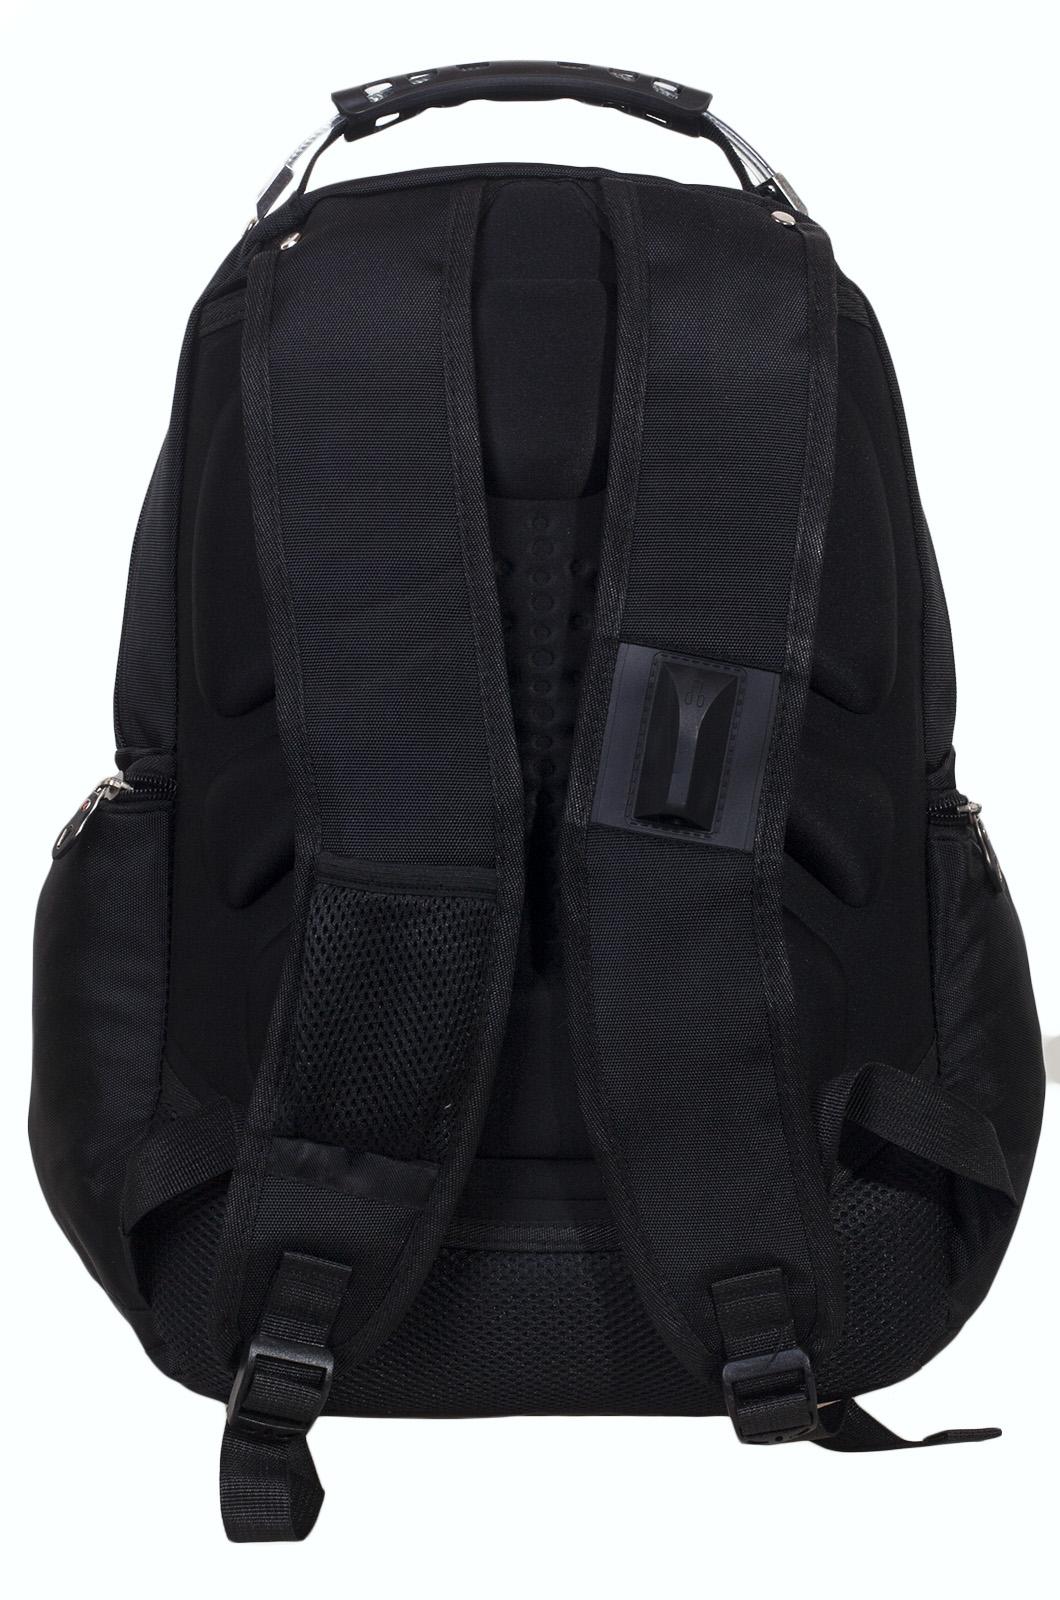 Функциональный черный рюкзак с шевроном ВМФ купить выгодно